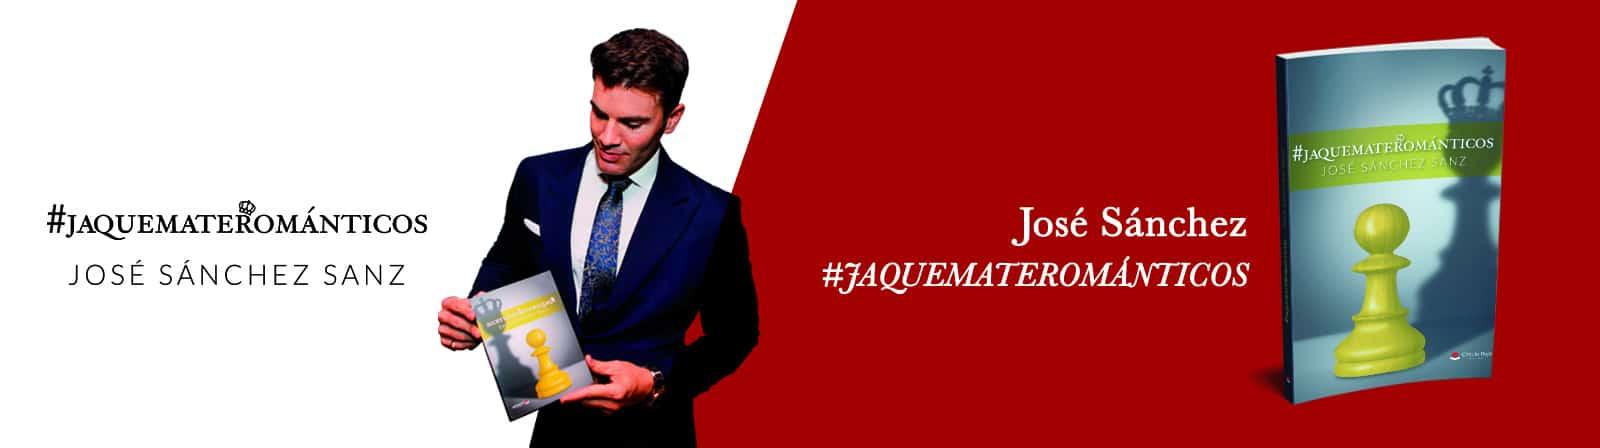 _José Sánchez- #JAQUEMATEROMÁNTICOS